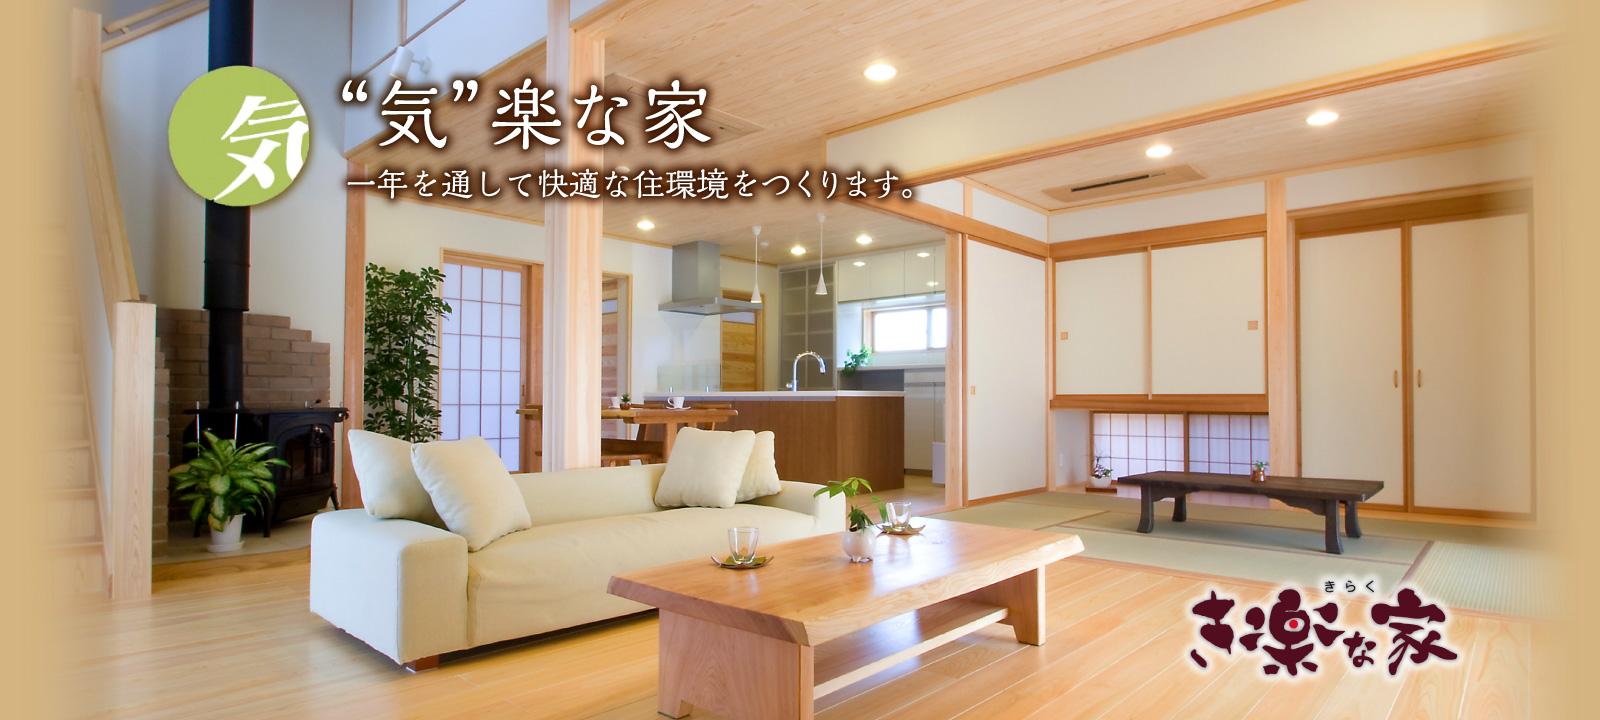 気楽な家|一年を通して快適な住環境をつくります。